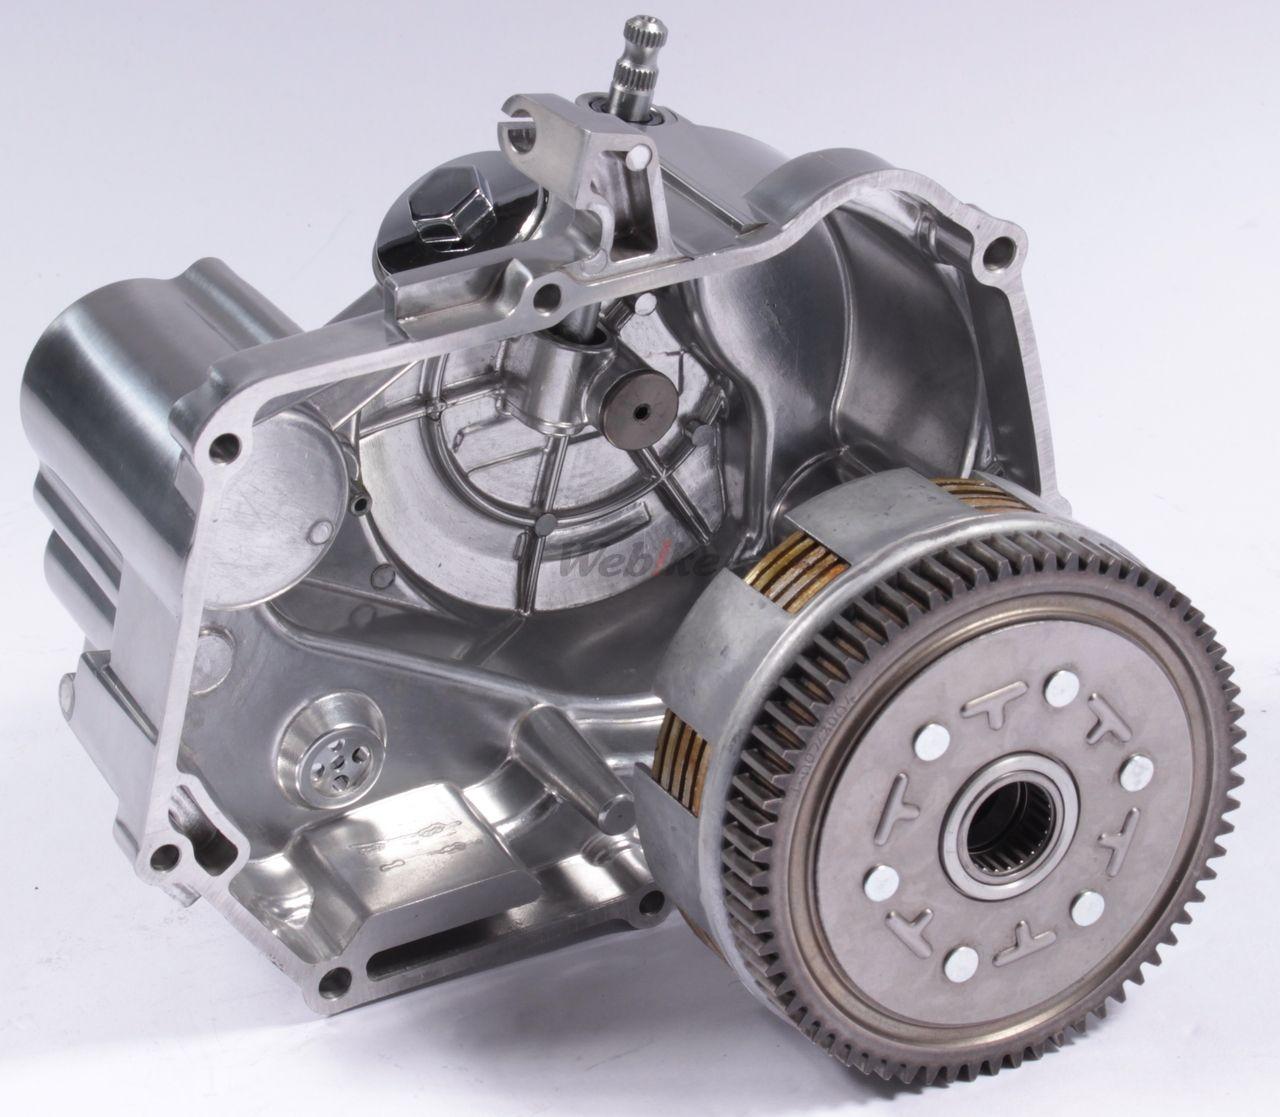 【SP武川】一般型主軸專用 特殊離合器套件 (附鋁合金鑄造外蓋) - 「Webike-摩托百貨」